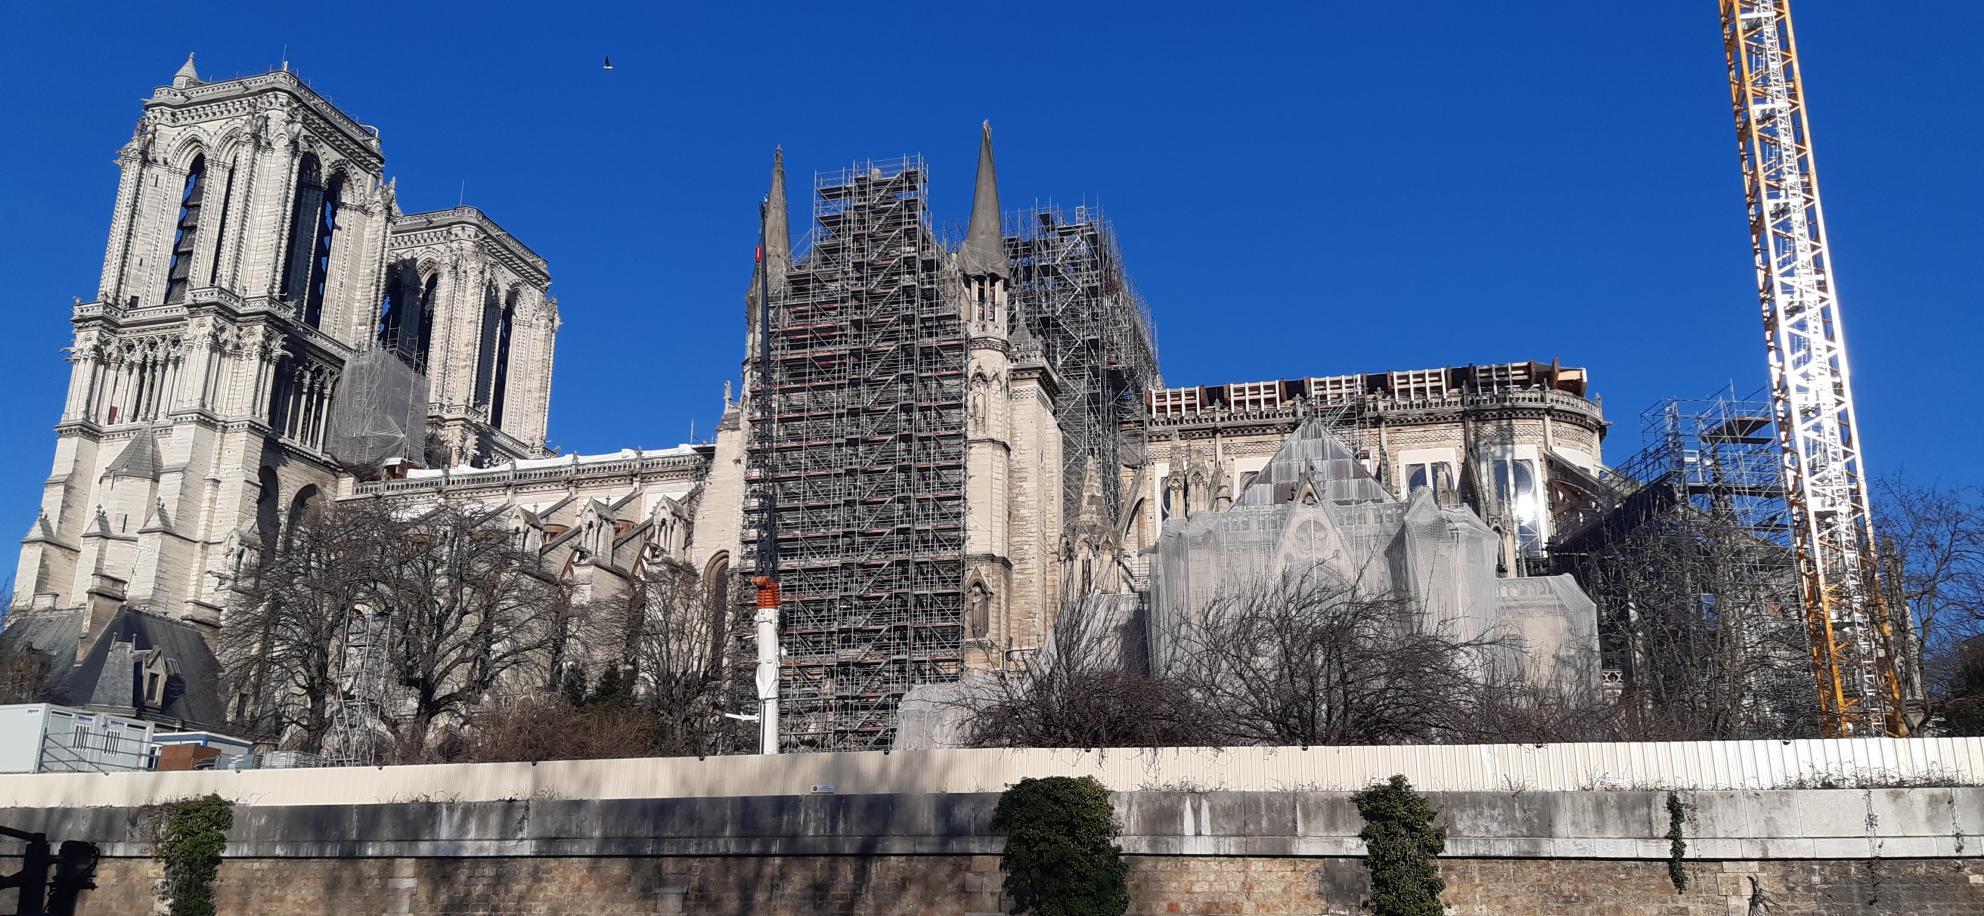 Un an après : où en est le chantier scientifique de Notre-Dame ?